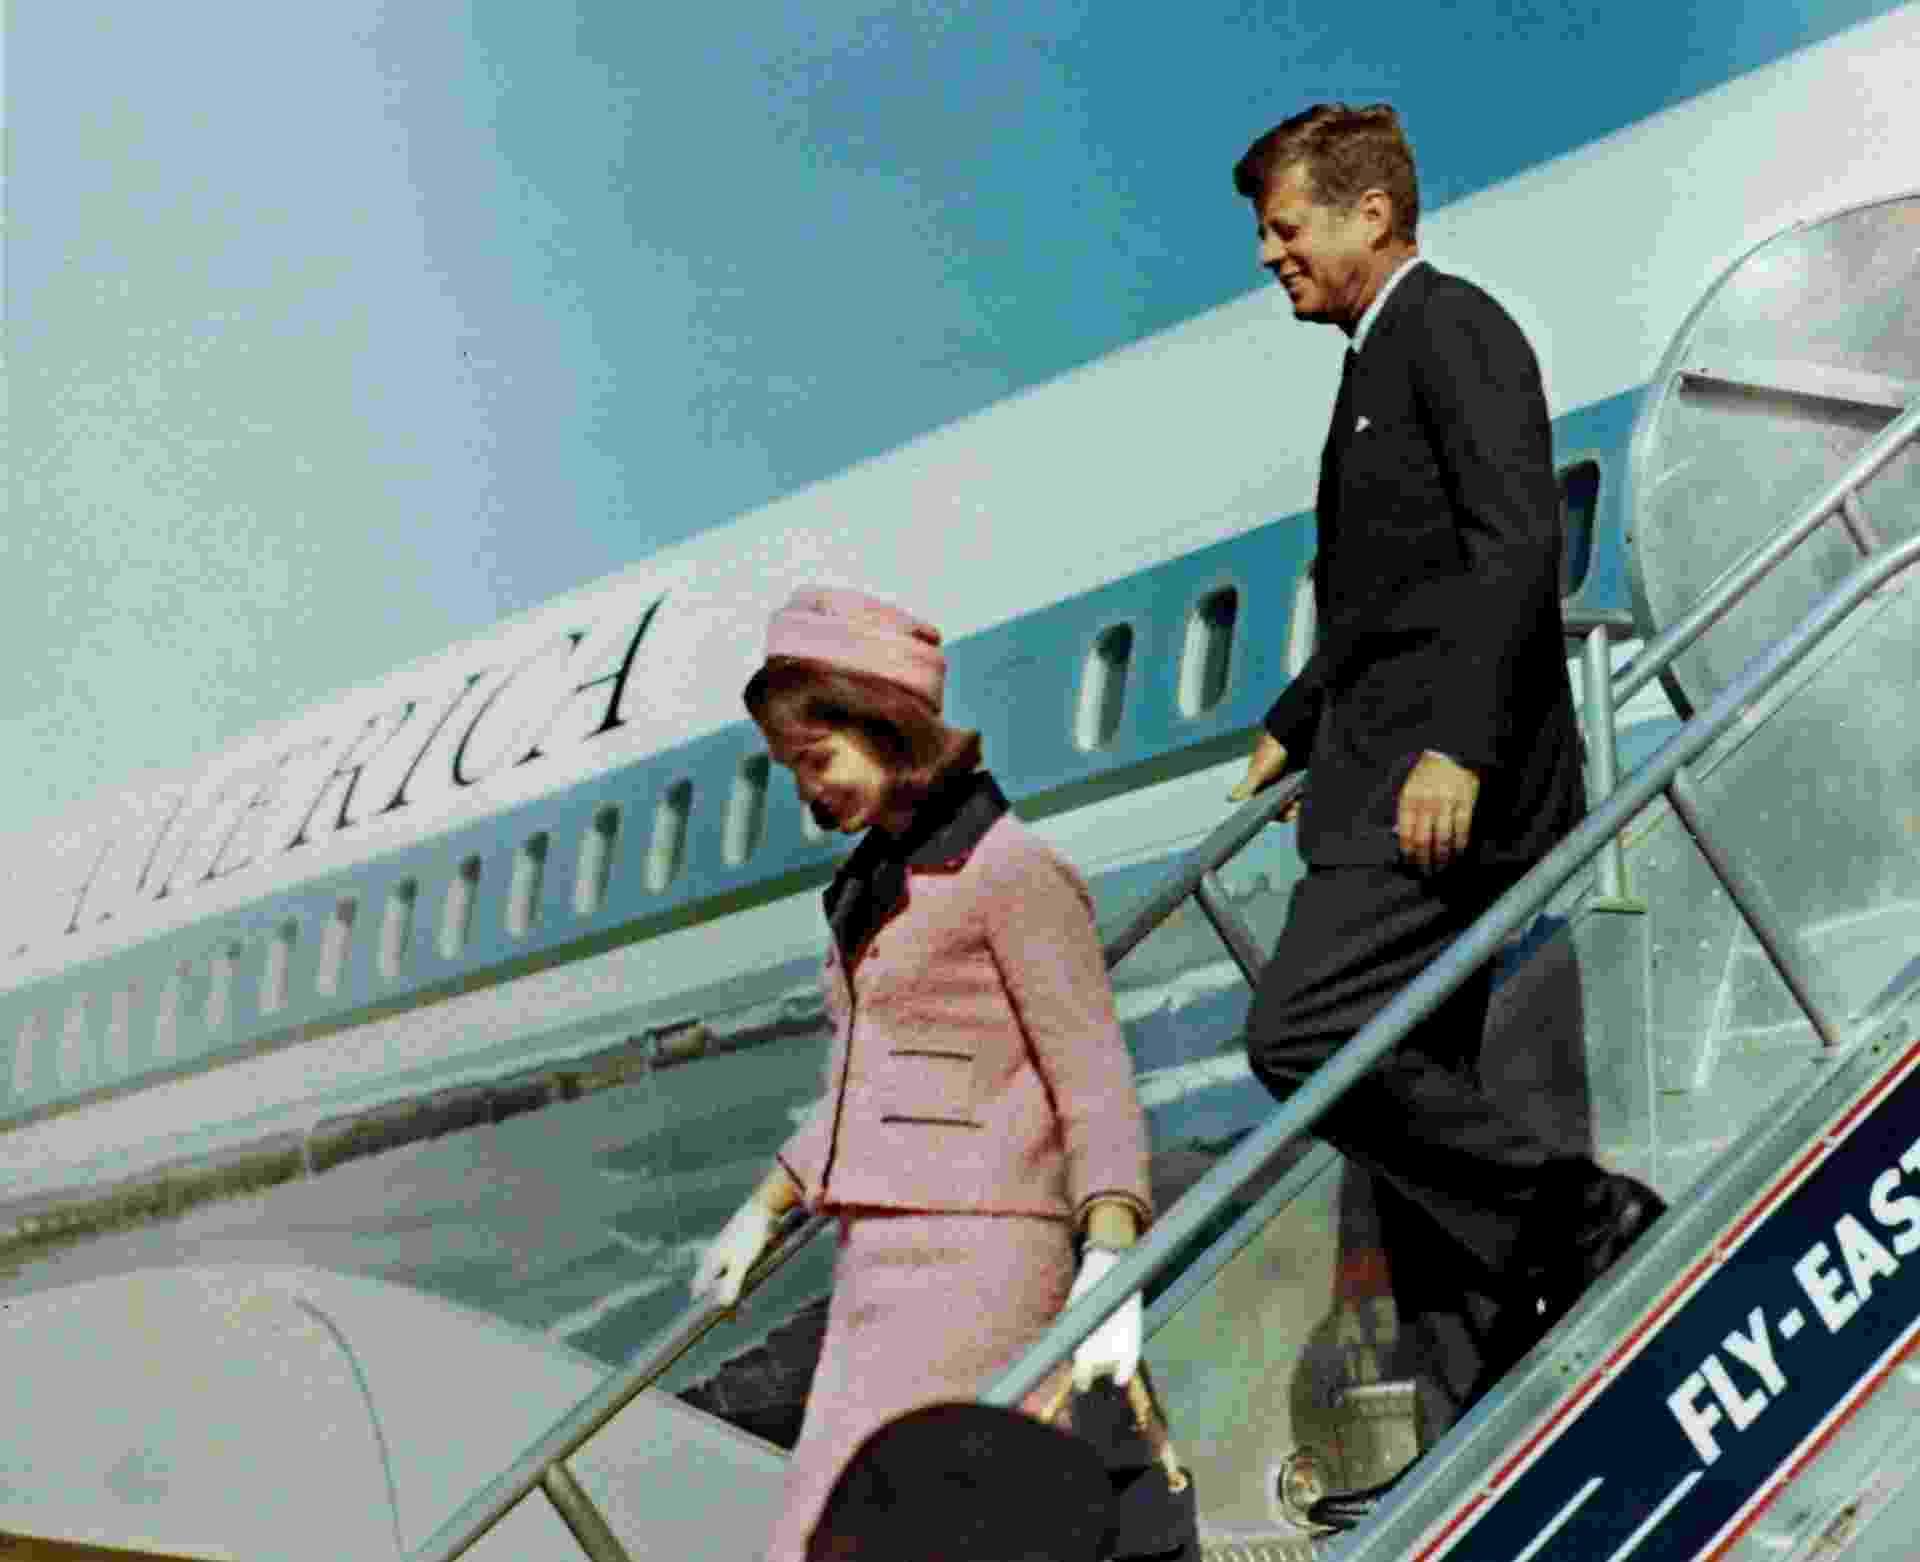 John F. Kennedy, então presidente dos EUA, e sua mulher, Jacqueline Kennedy, desembarcam em aeroporto de Dallas, no Texas (EUA), no dia 22 de novembro de 1963. A foto foi tirada cerca de uma hora antes do assassinato de Kennedy - Reuters